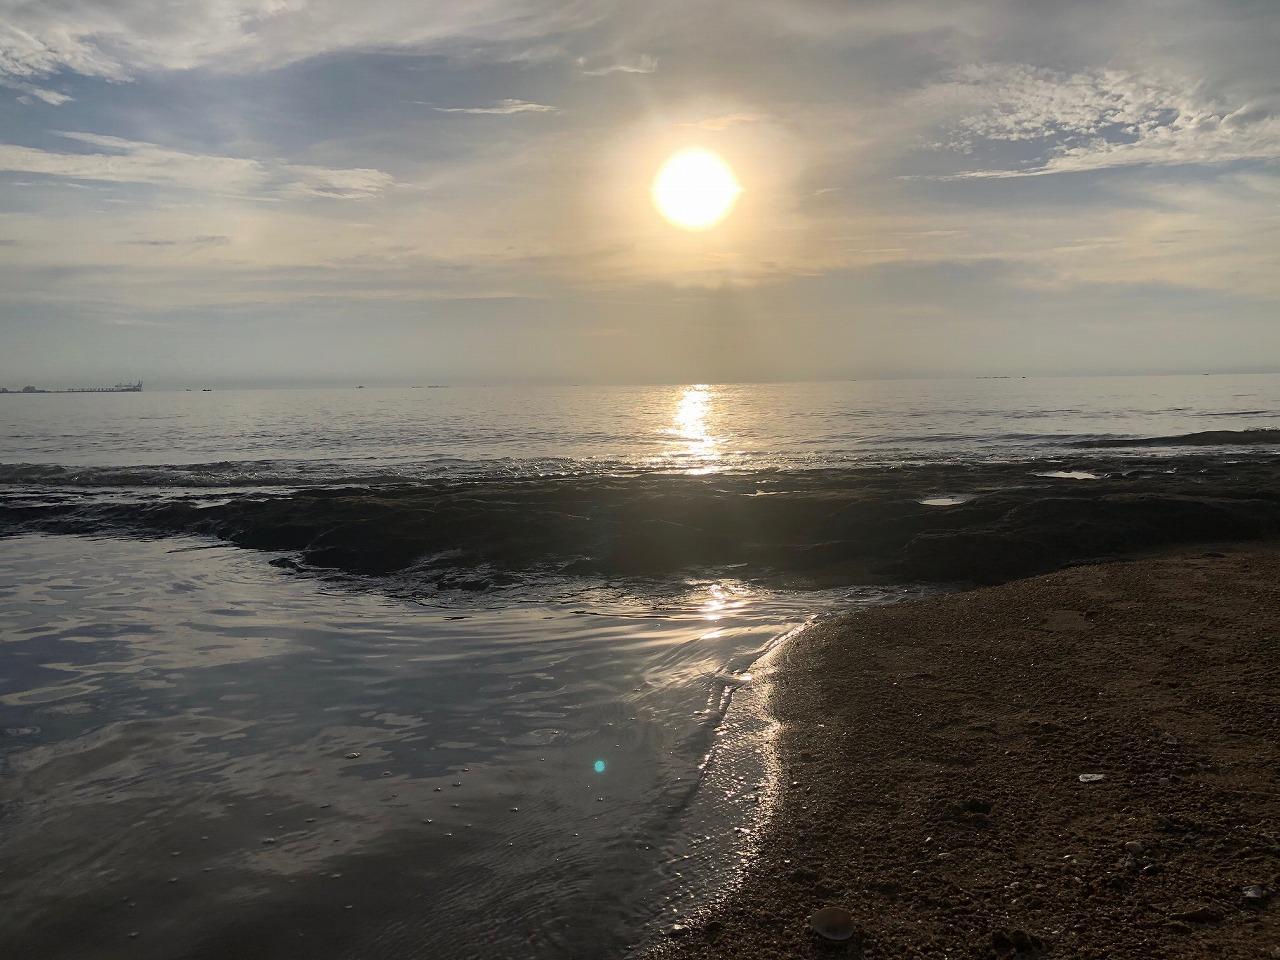 マカッサルの海岸